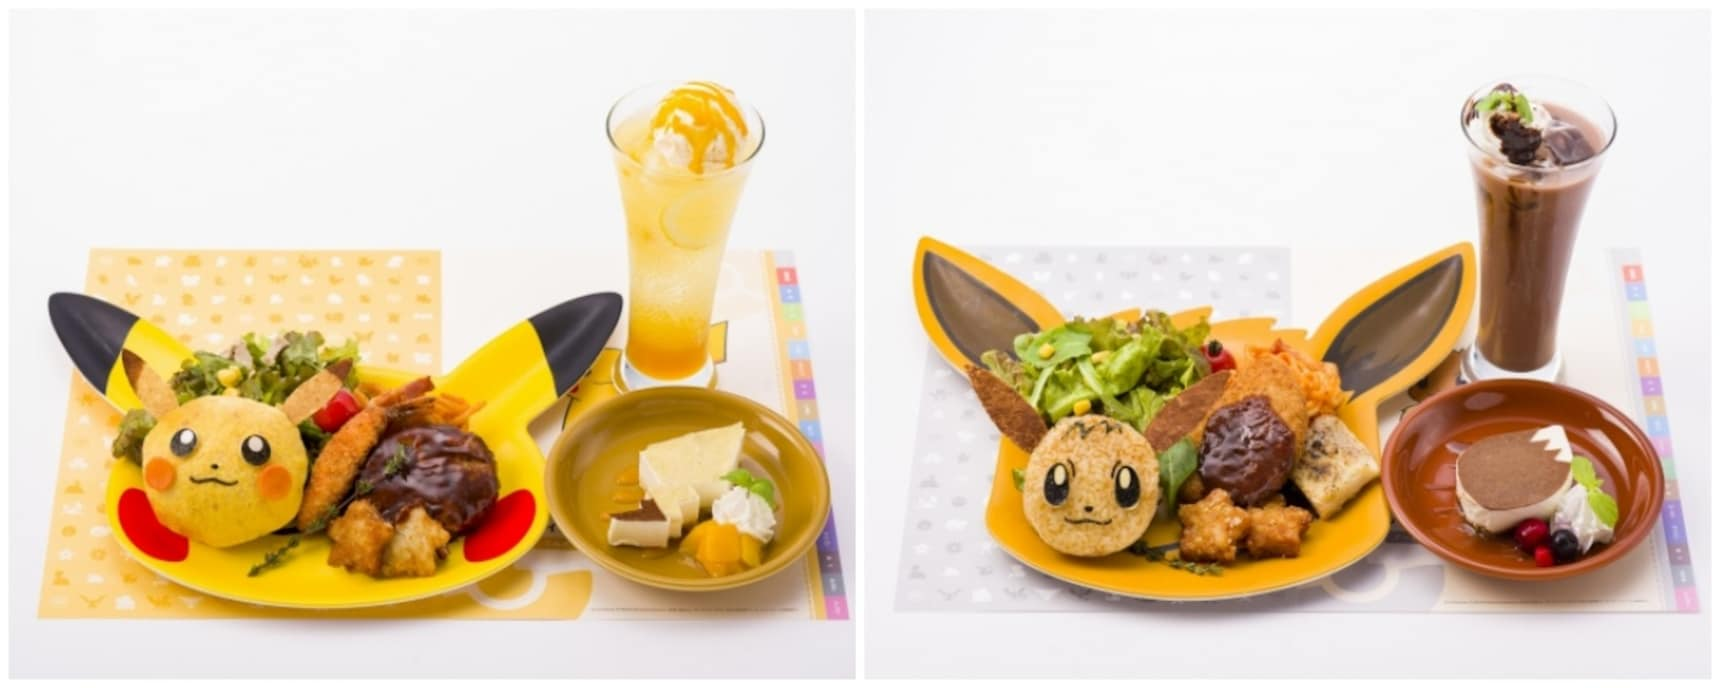 Catch All 151 Original Pokémon at Tokyo Café!